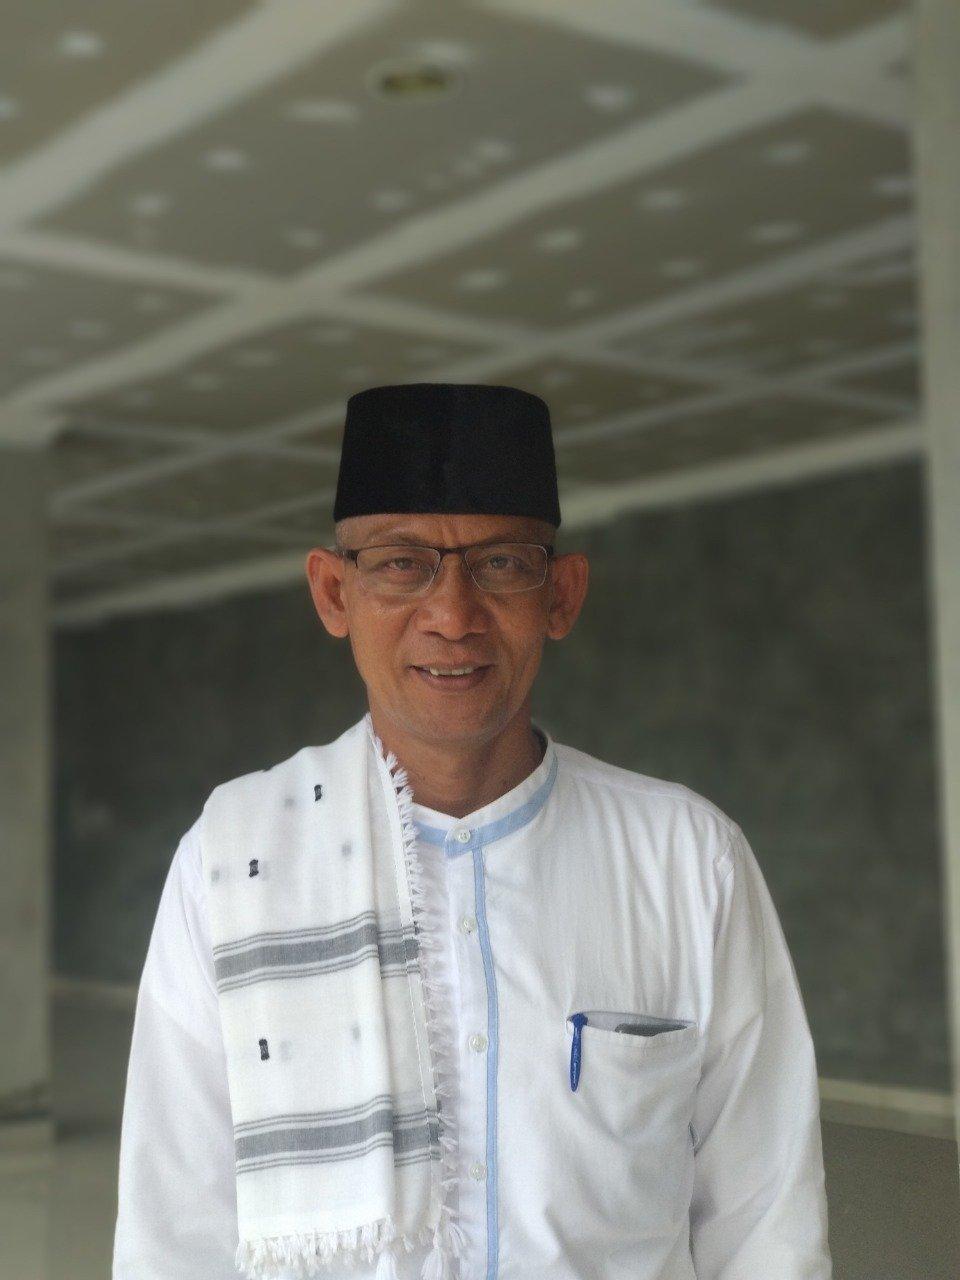 Mondok di Ponpes Syekh Abdurrahman Siddiq II, Gratis Biaya Pendaftaran dan Administrasi